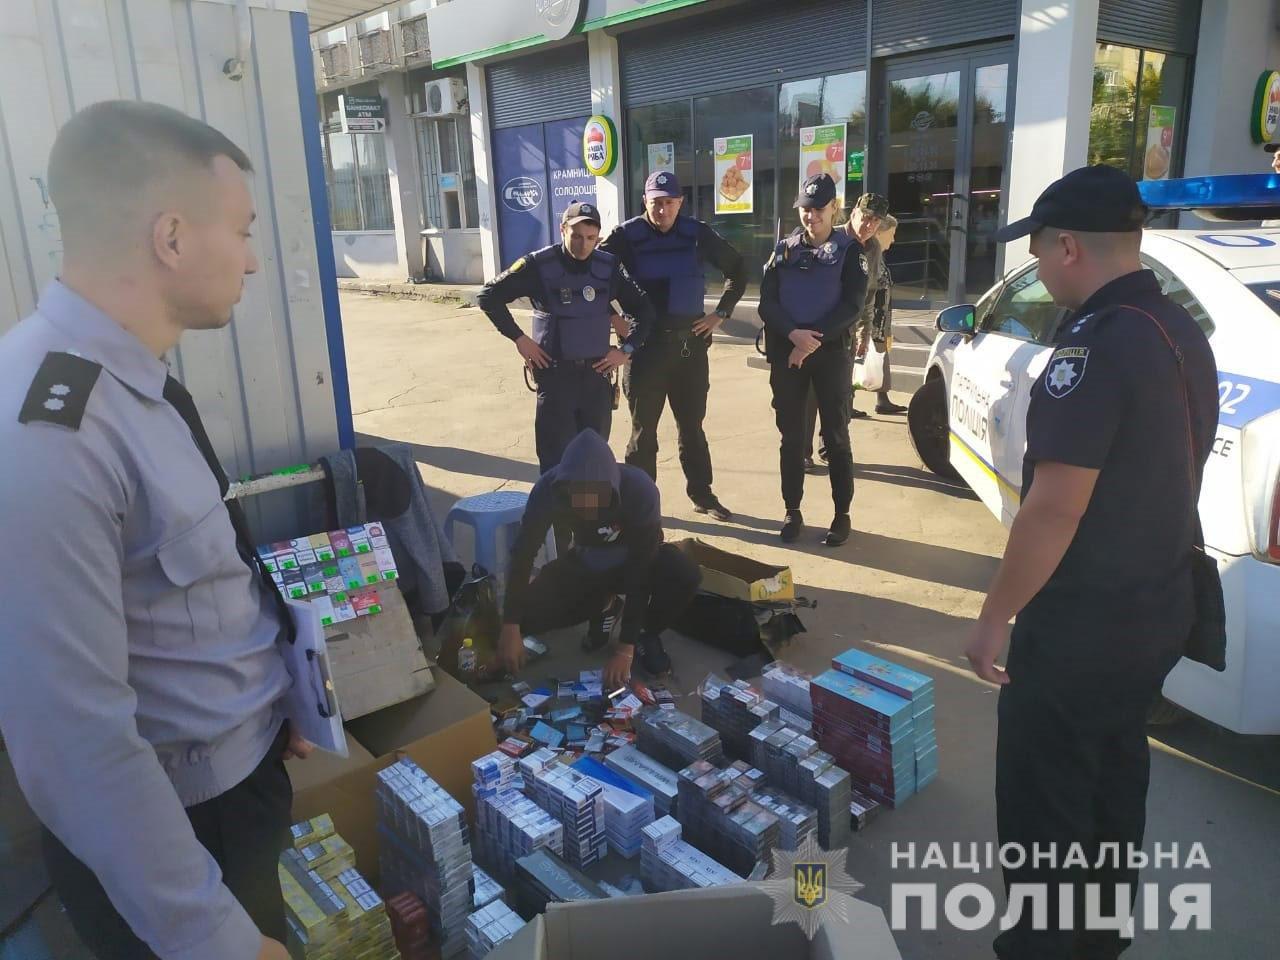 """В Кривом Роге """"отработали"""" район и изъяли 1400 пачек контрафактных сигарет, - ФОТО , фото-1"""